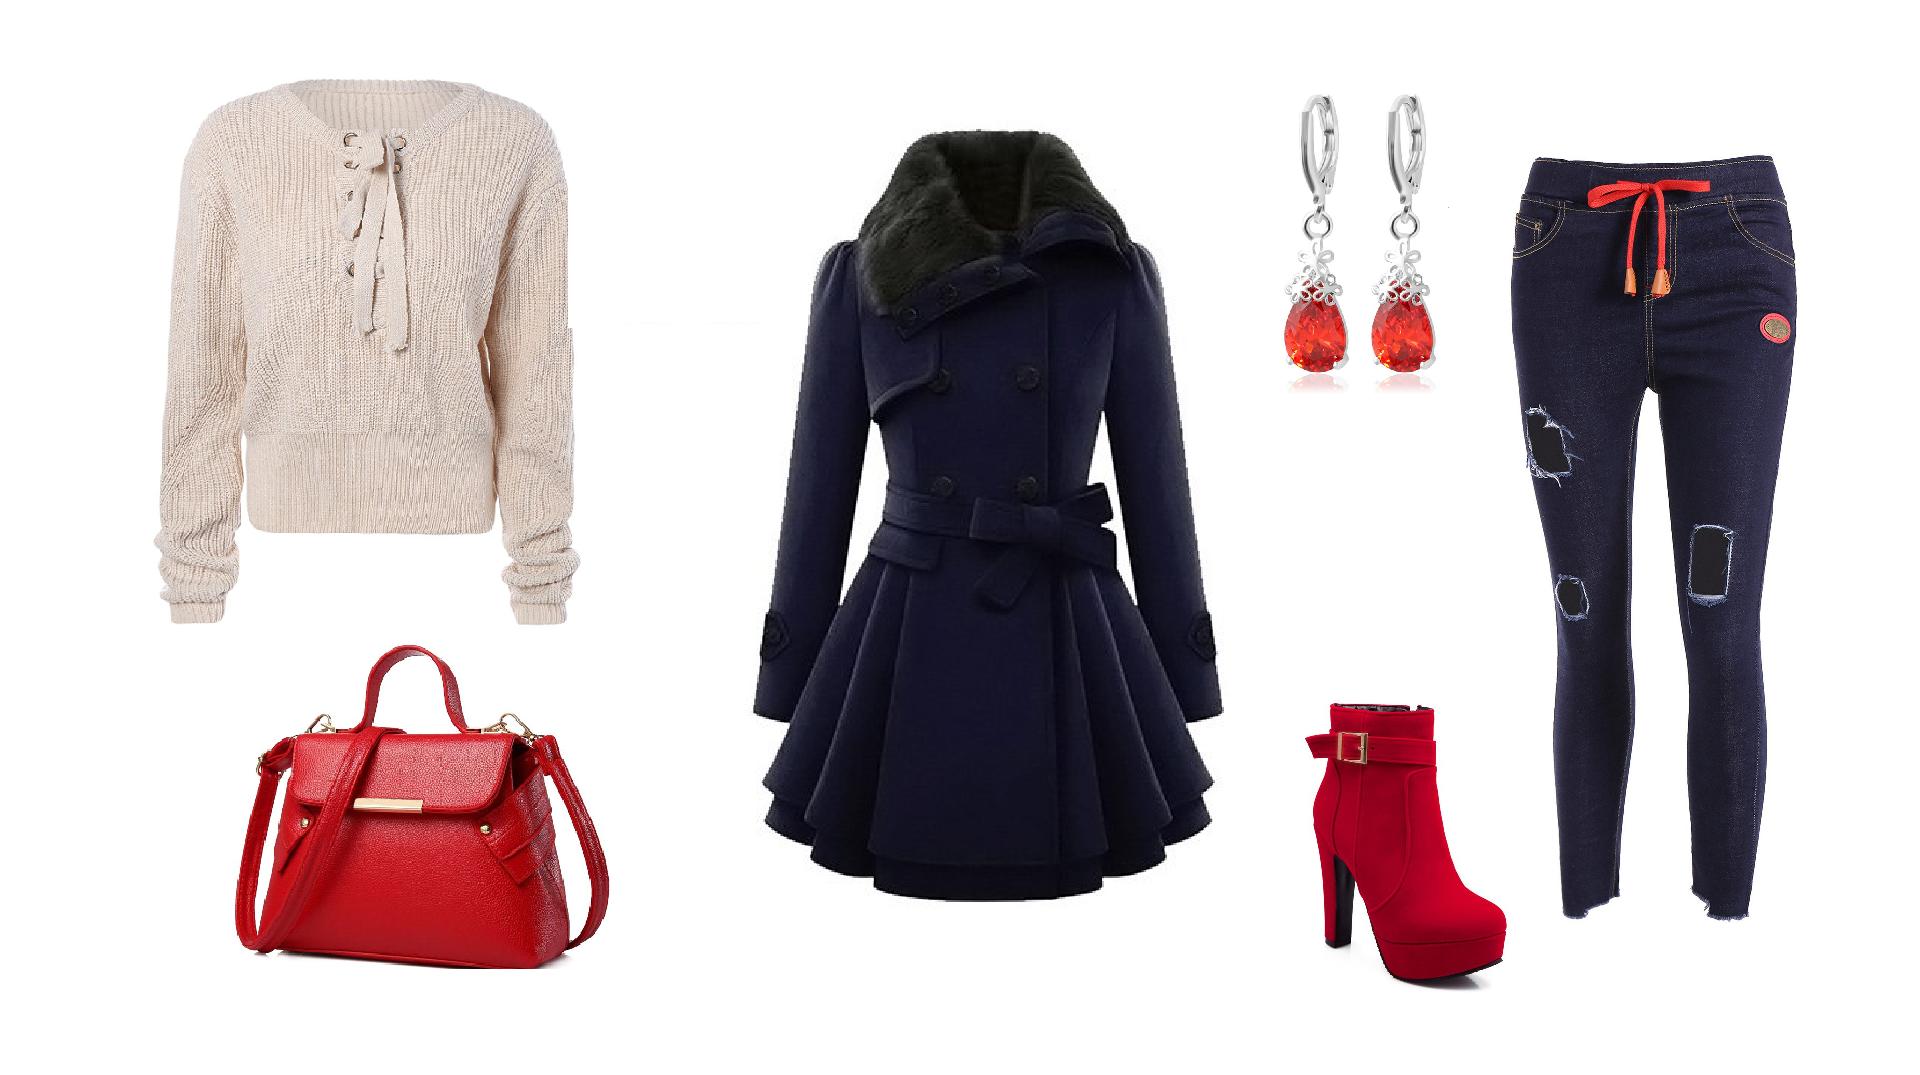 wishlist-gamiss-stylizacja-na-jesien-granat-czerwień-bezowy-sweterek-dlugie-kolczyi-botki-na-obcasie-Wishlist Gamiss